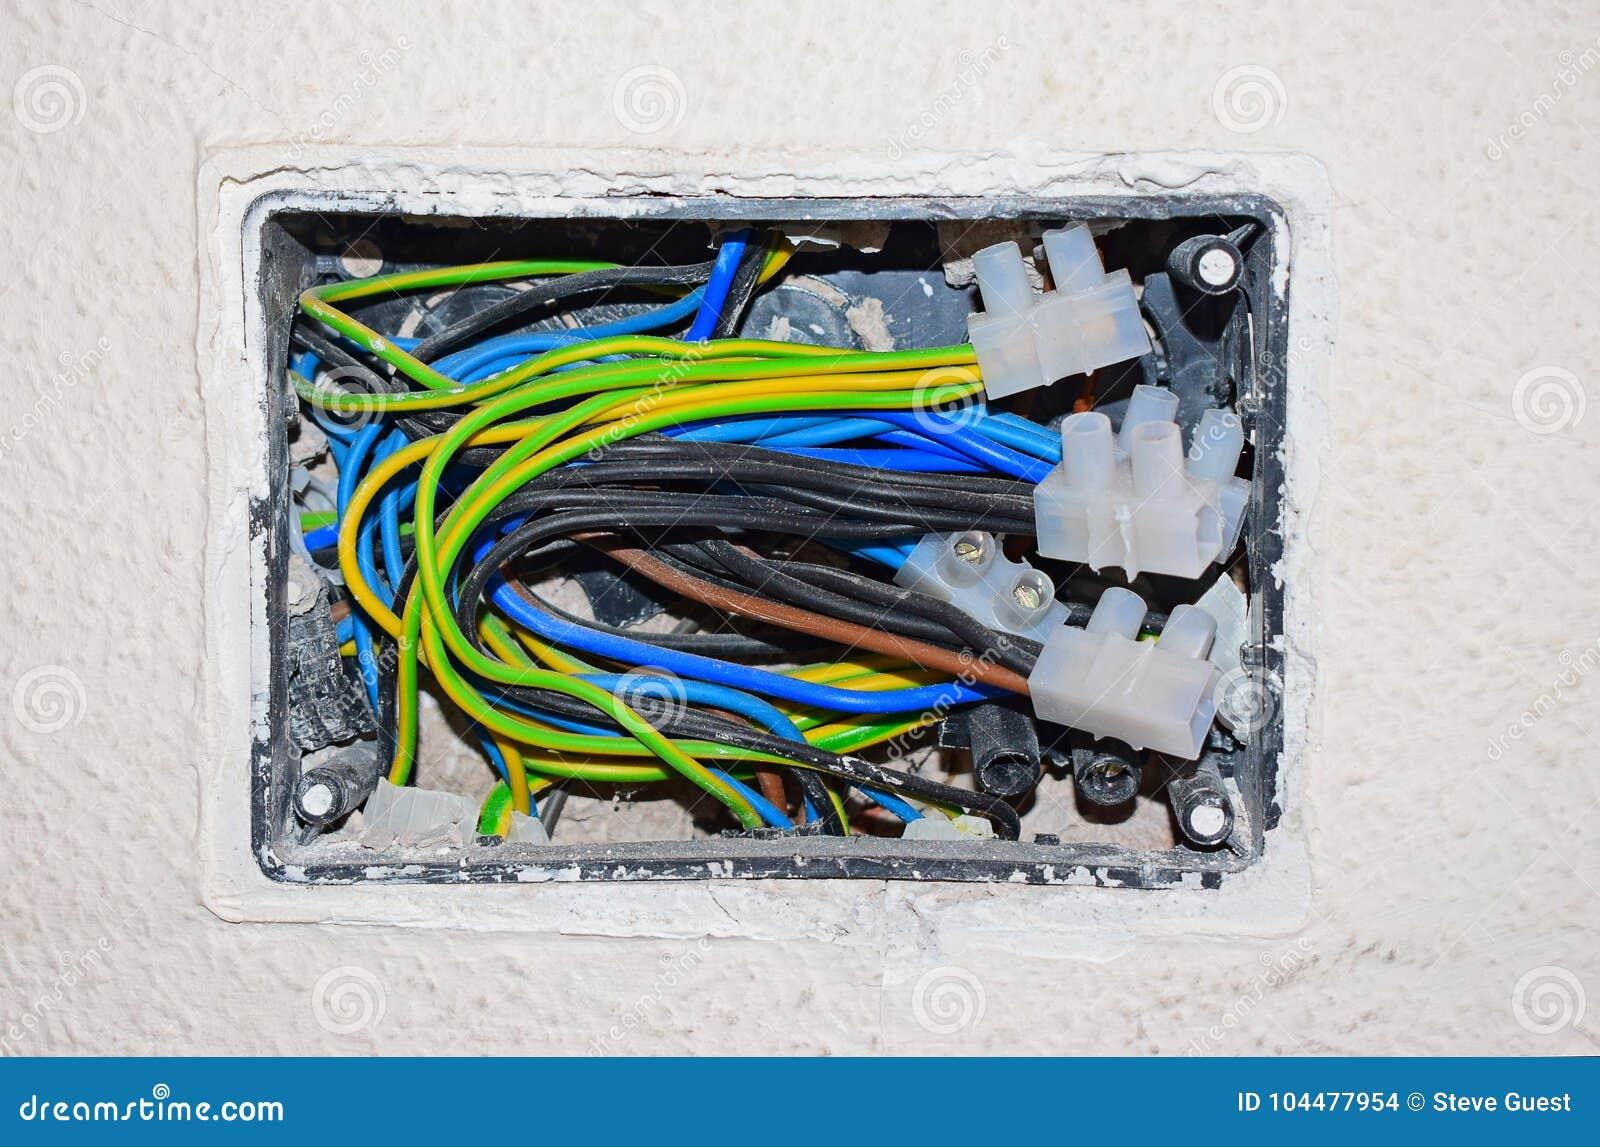 Cableado eléctrico expuesto